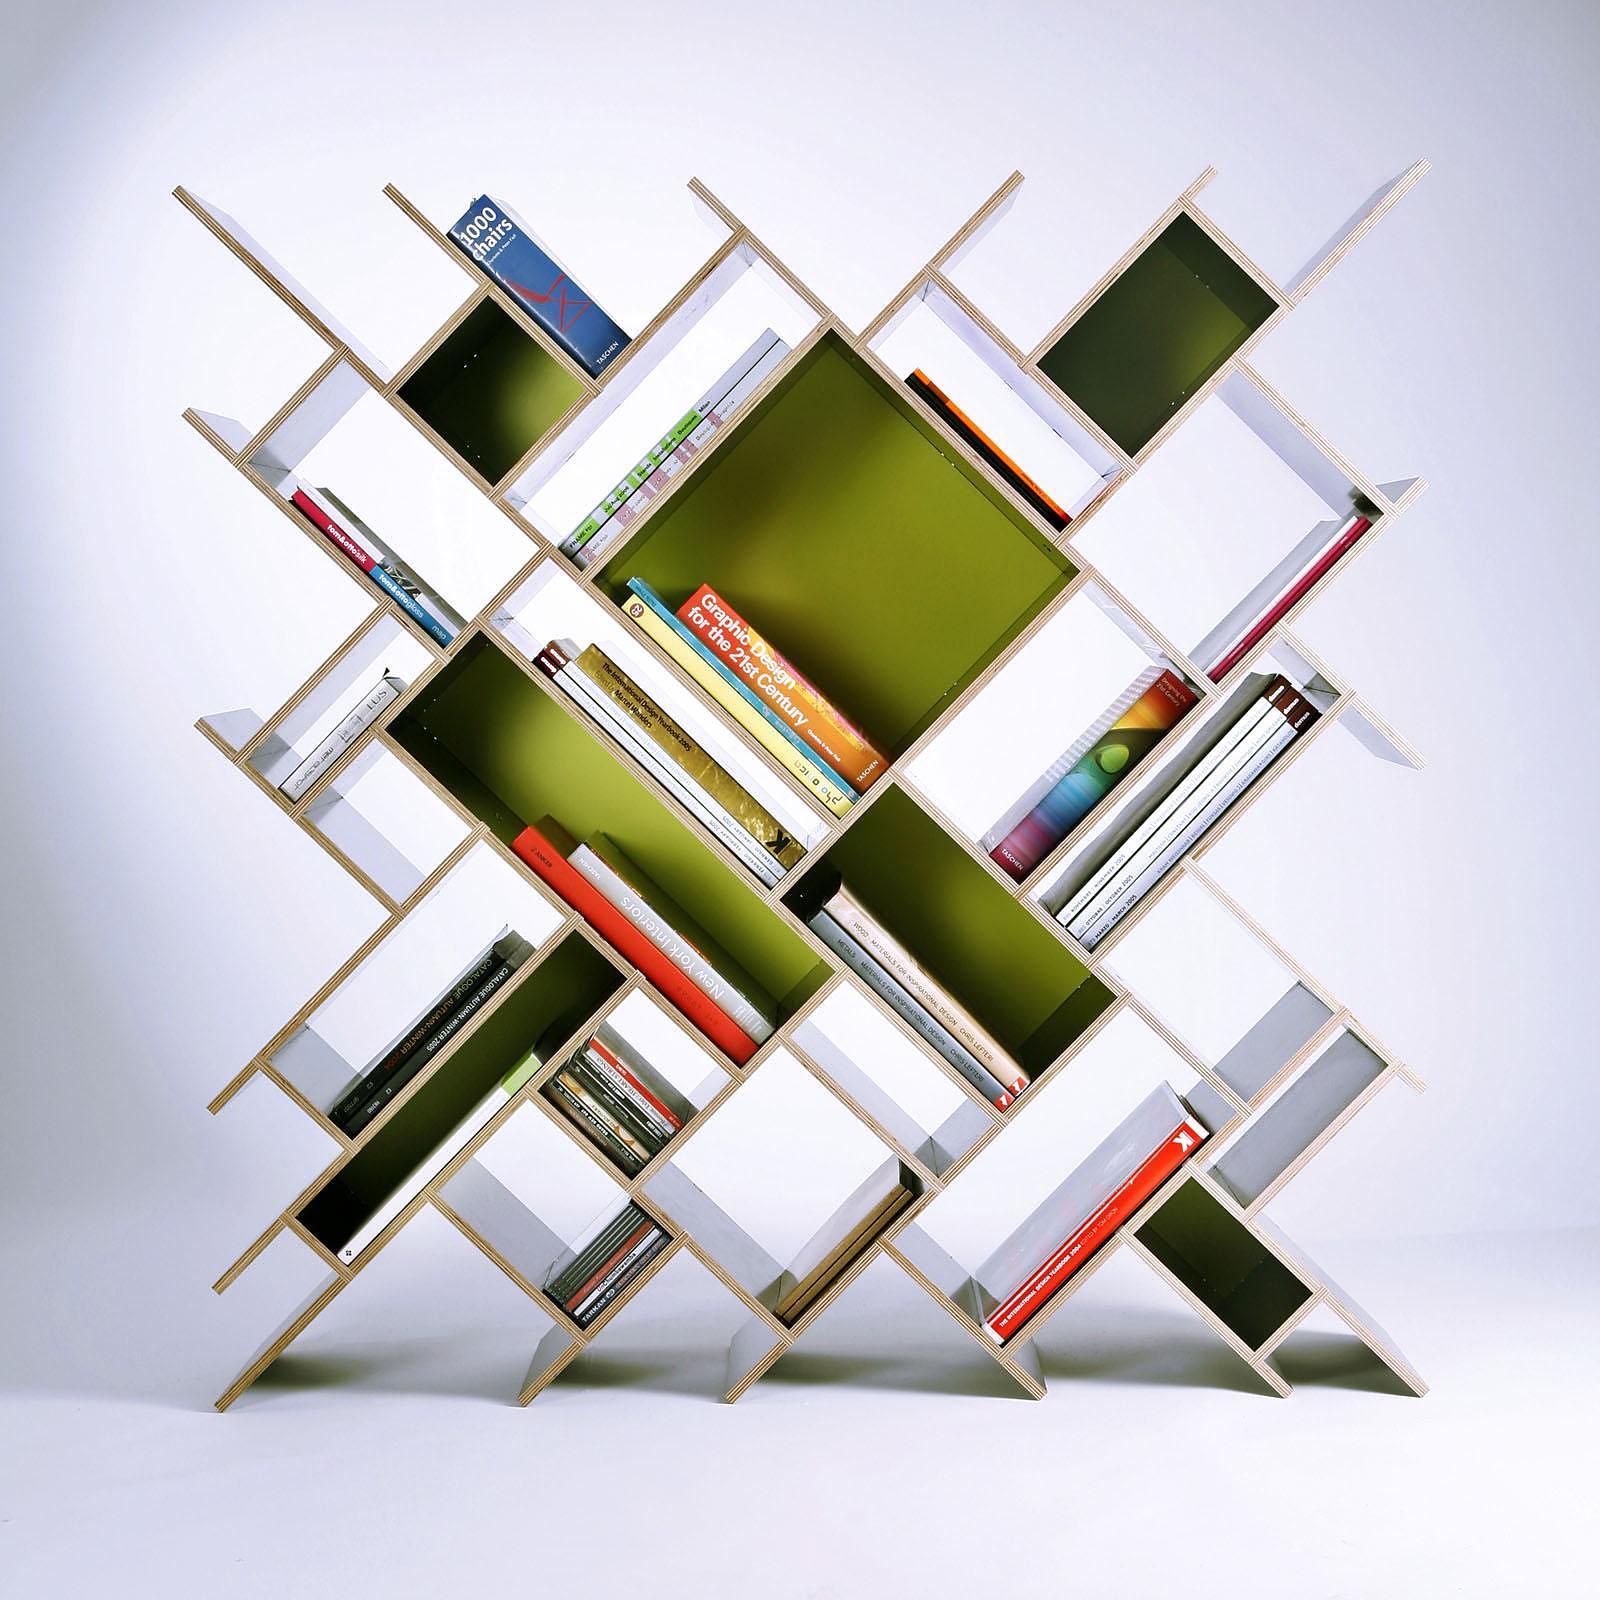 Contraforma Quad Bookcase Design Is This